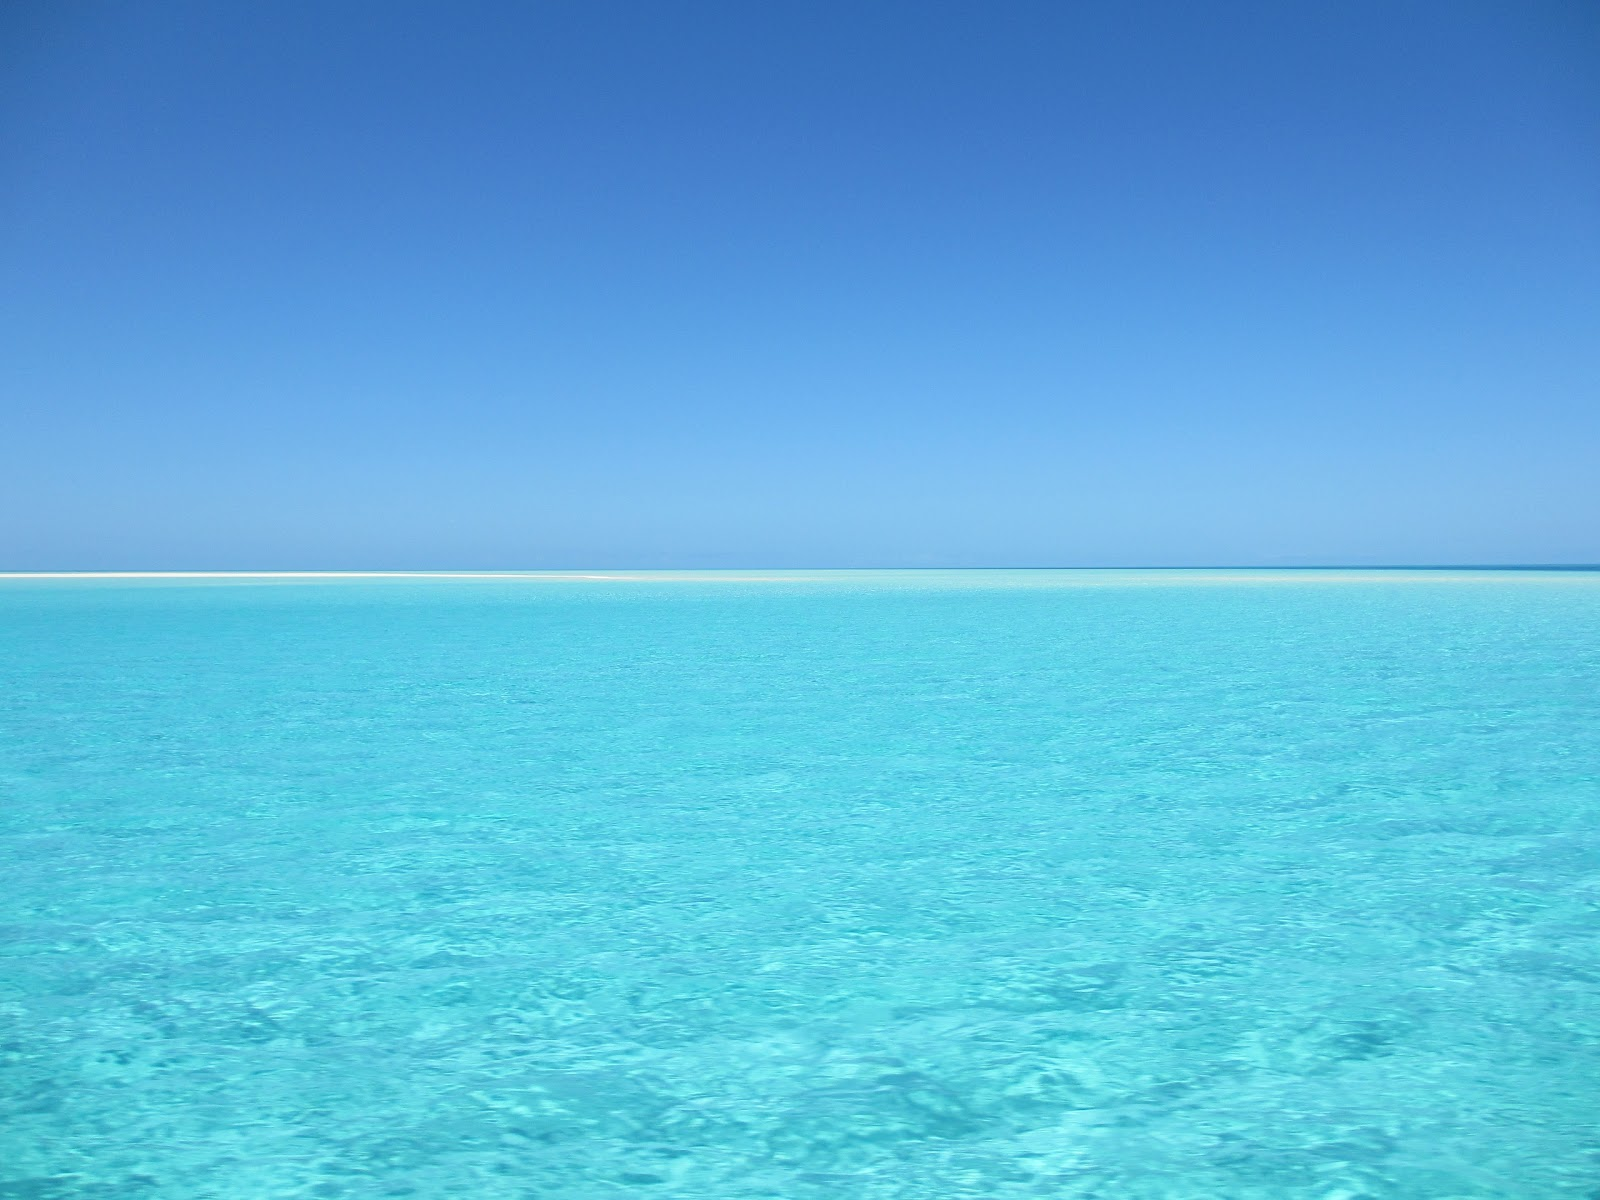 南国の透き通るように青い海